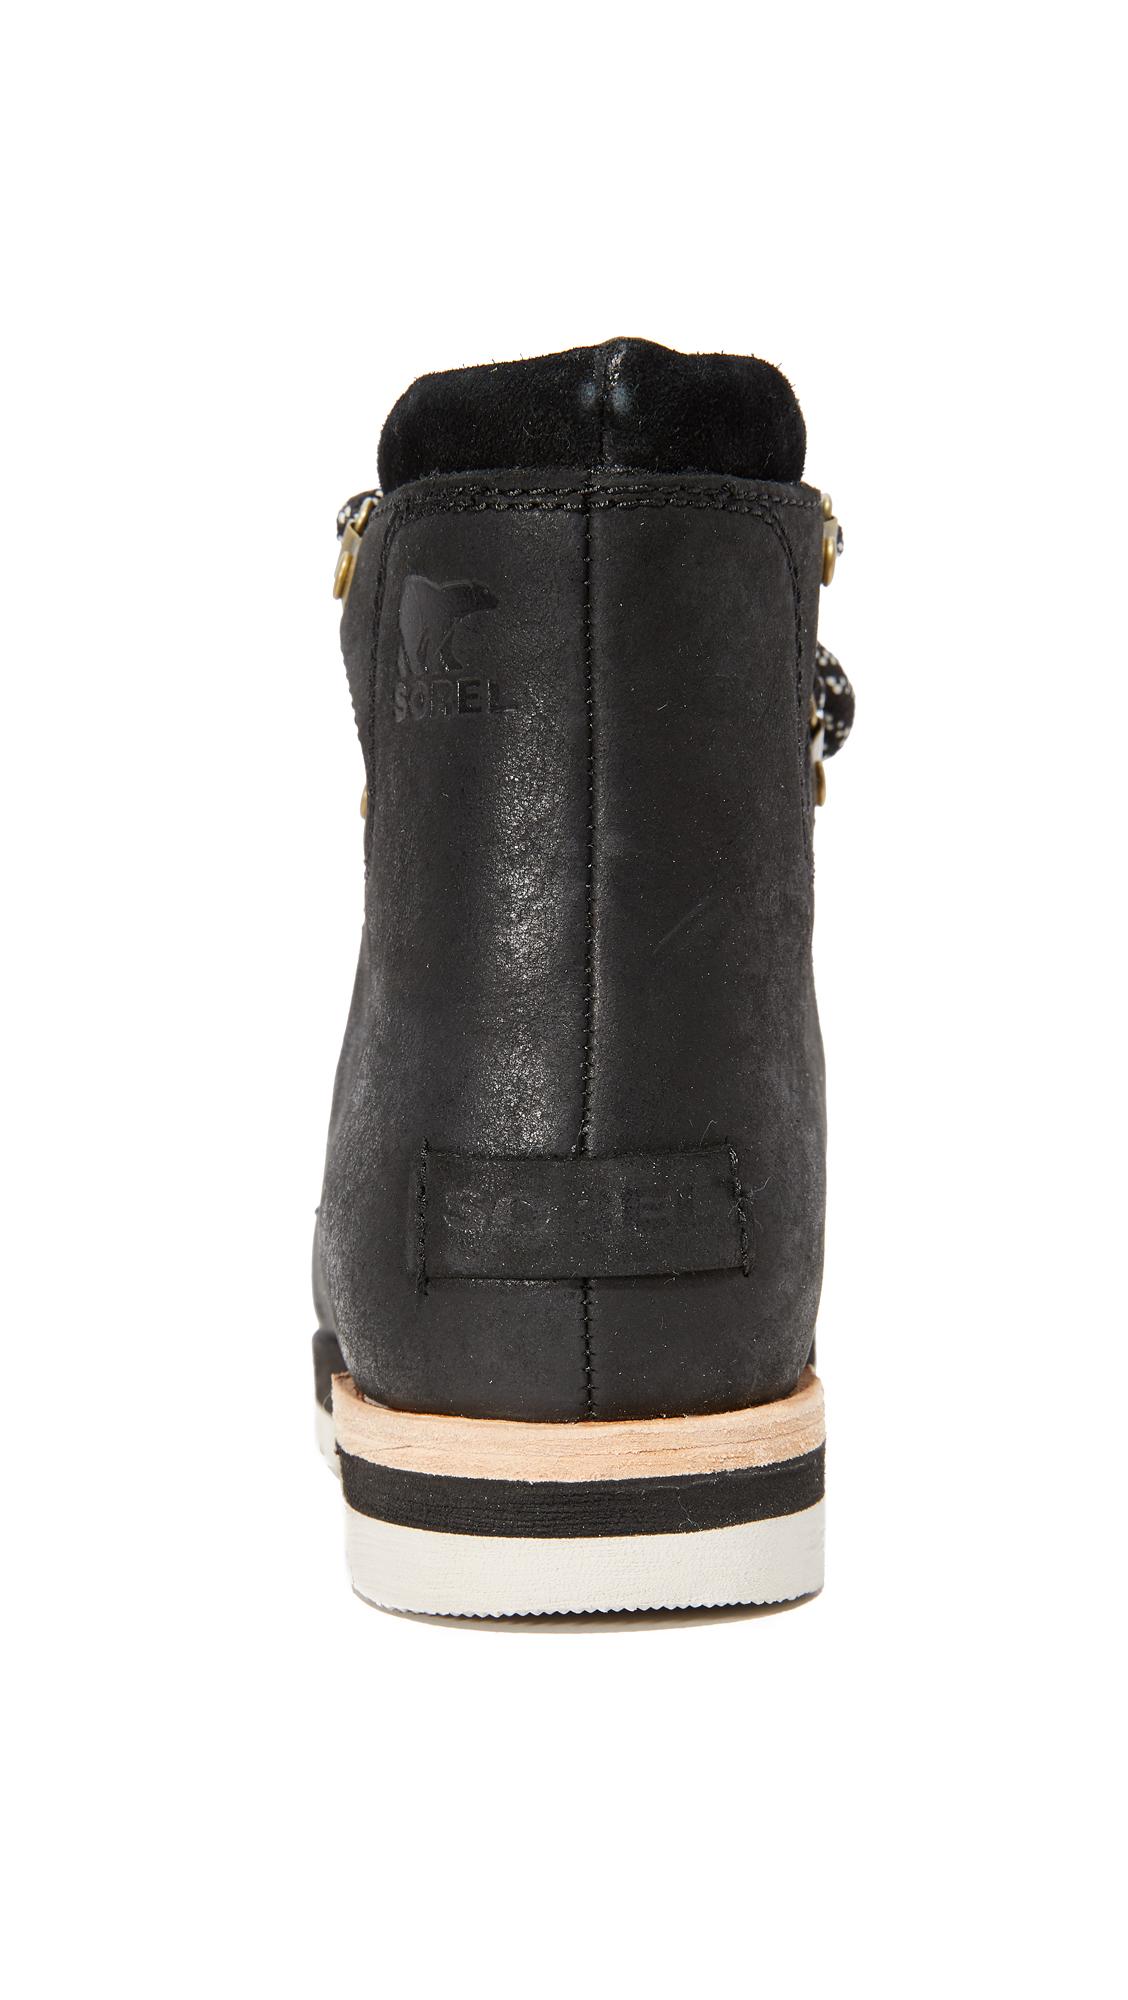 5731da14f53c Sorel Sneakchic Alpine Booties